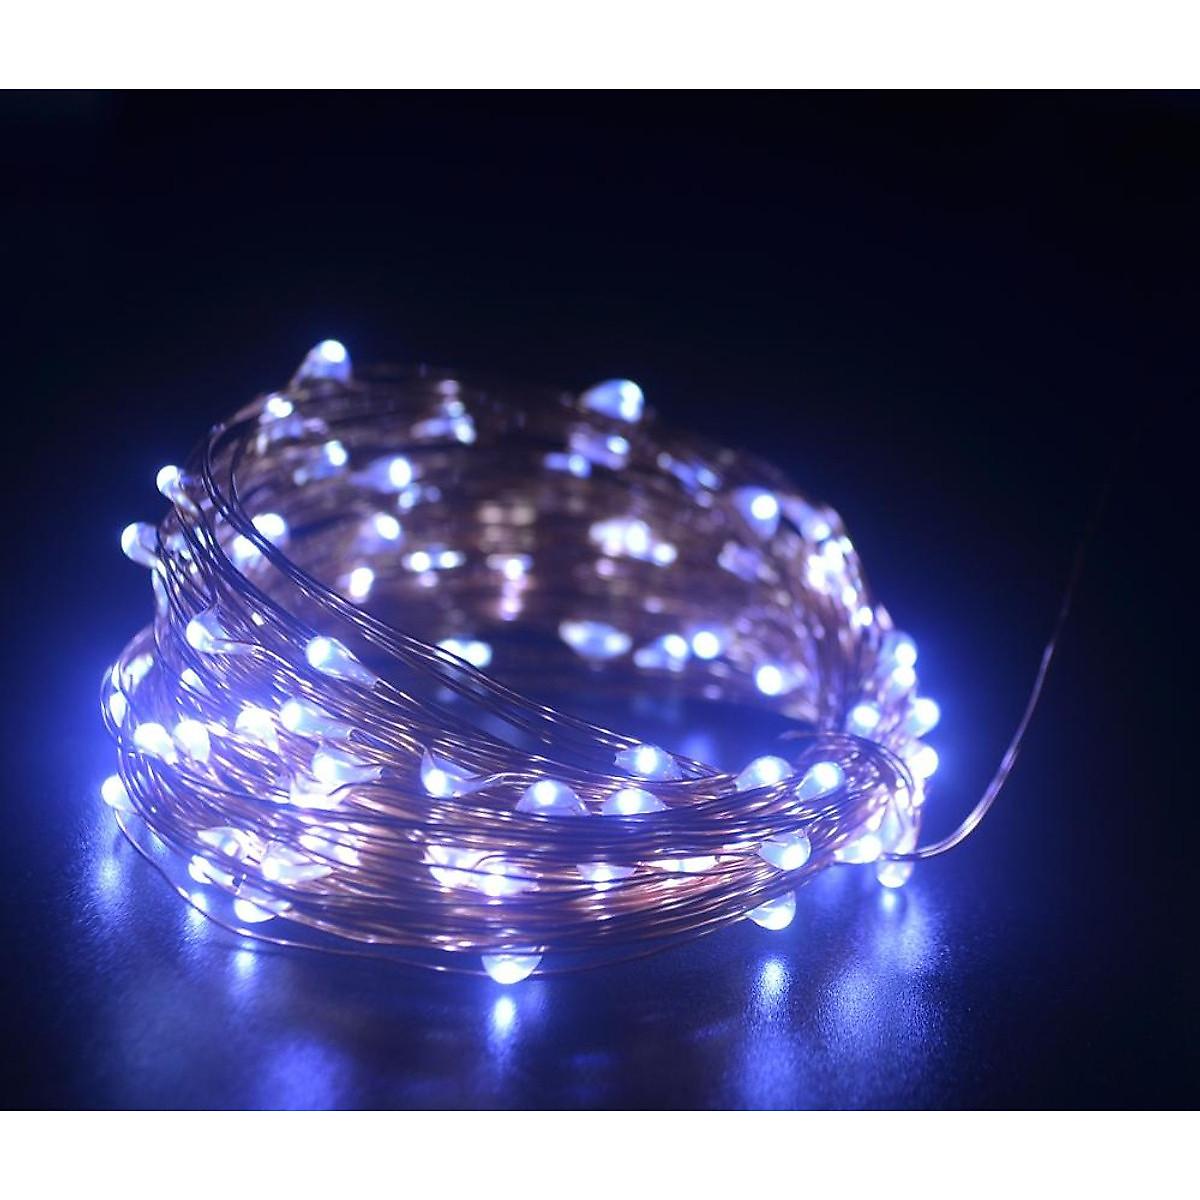 Dây đèn Fairy Light đom đóm chipsbling 10 mét dùng pin AA 8